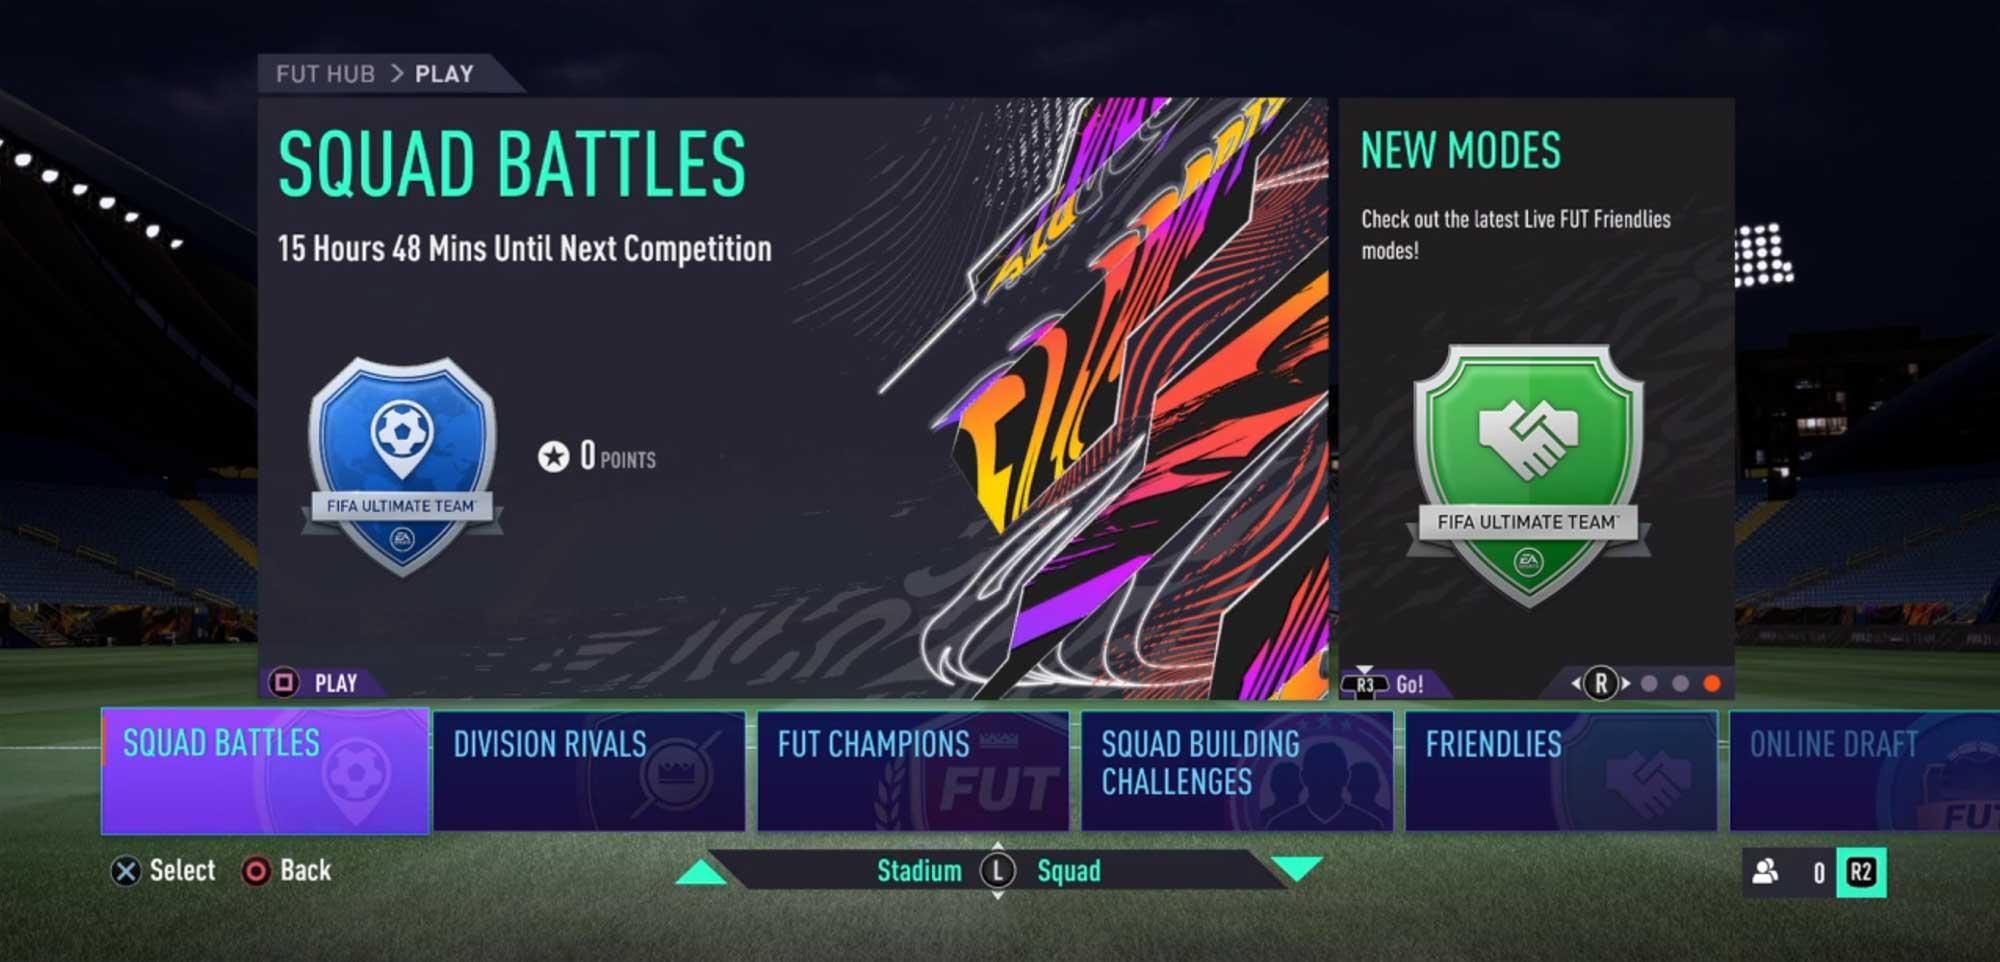 La Puntuación de la Squad Battles en FIFA 21 Ultimate Team